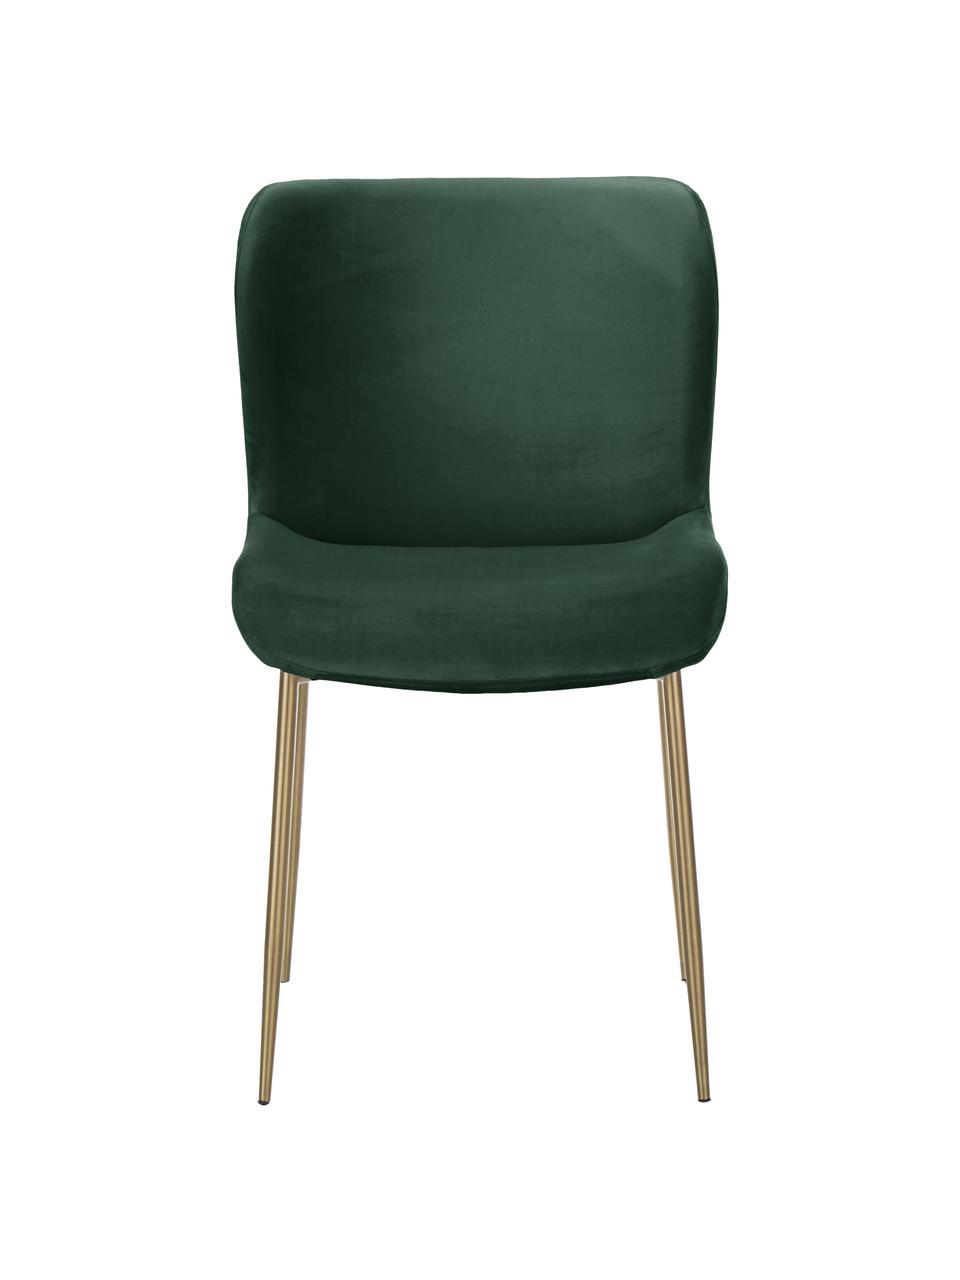 Samt-Polsterstuhl Tess in Grün, Bezug: Samt (Polyester) Der hoch, Beine: Metall, pulverbeschichtet, Samt Grün, Gold, 49 x 84 cm